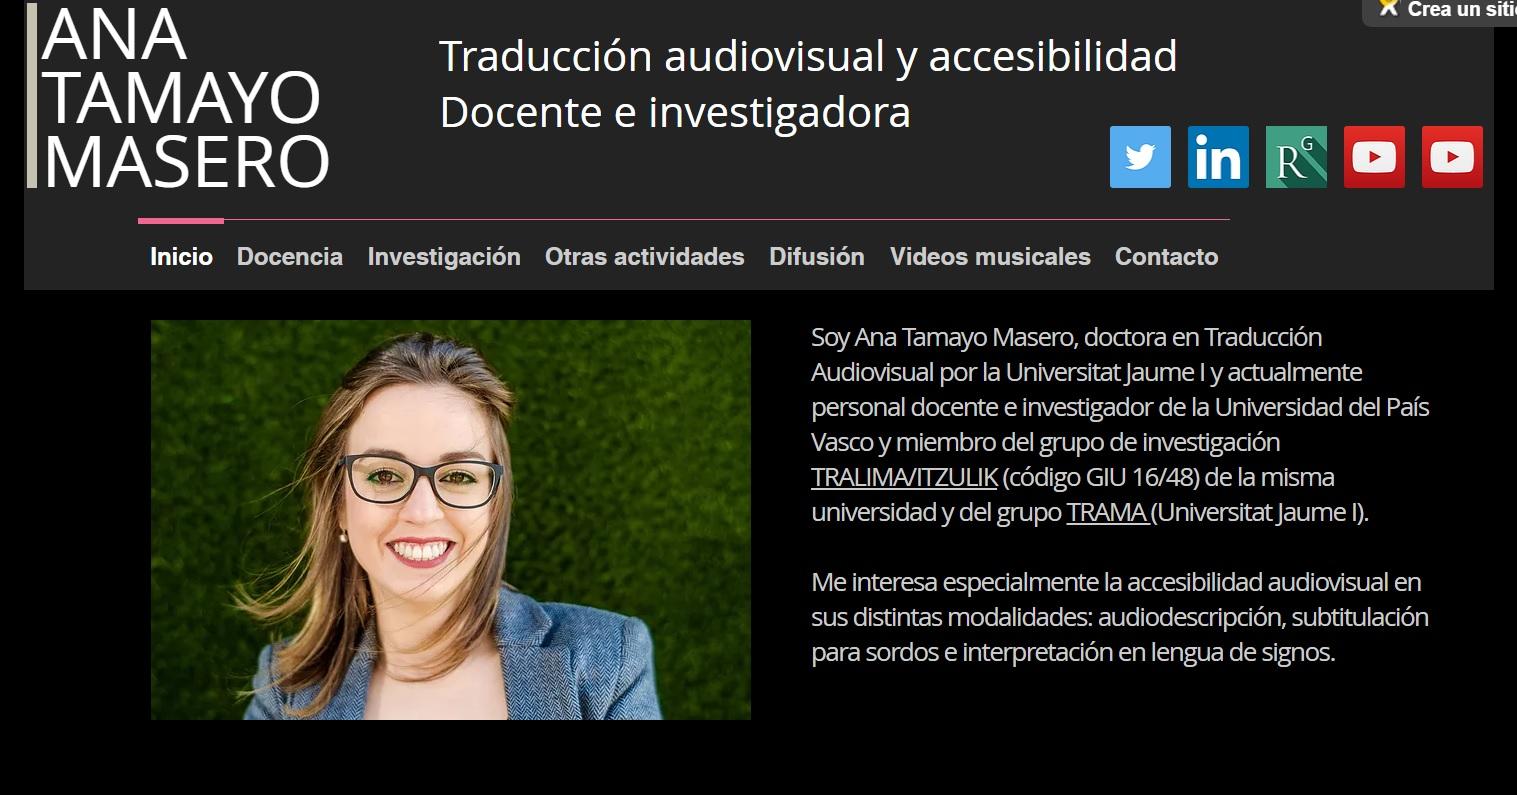 Ana Tamayo Masero. Traducción audiovisual y accesibilidad | Difusión